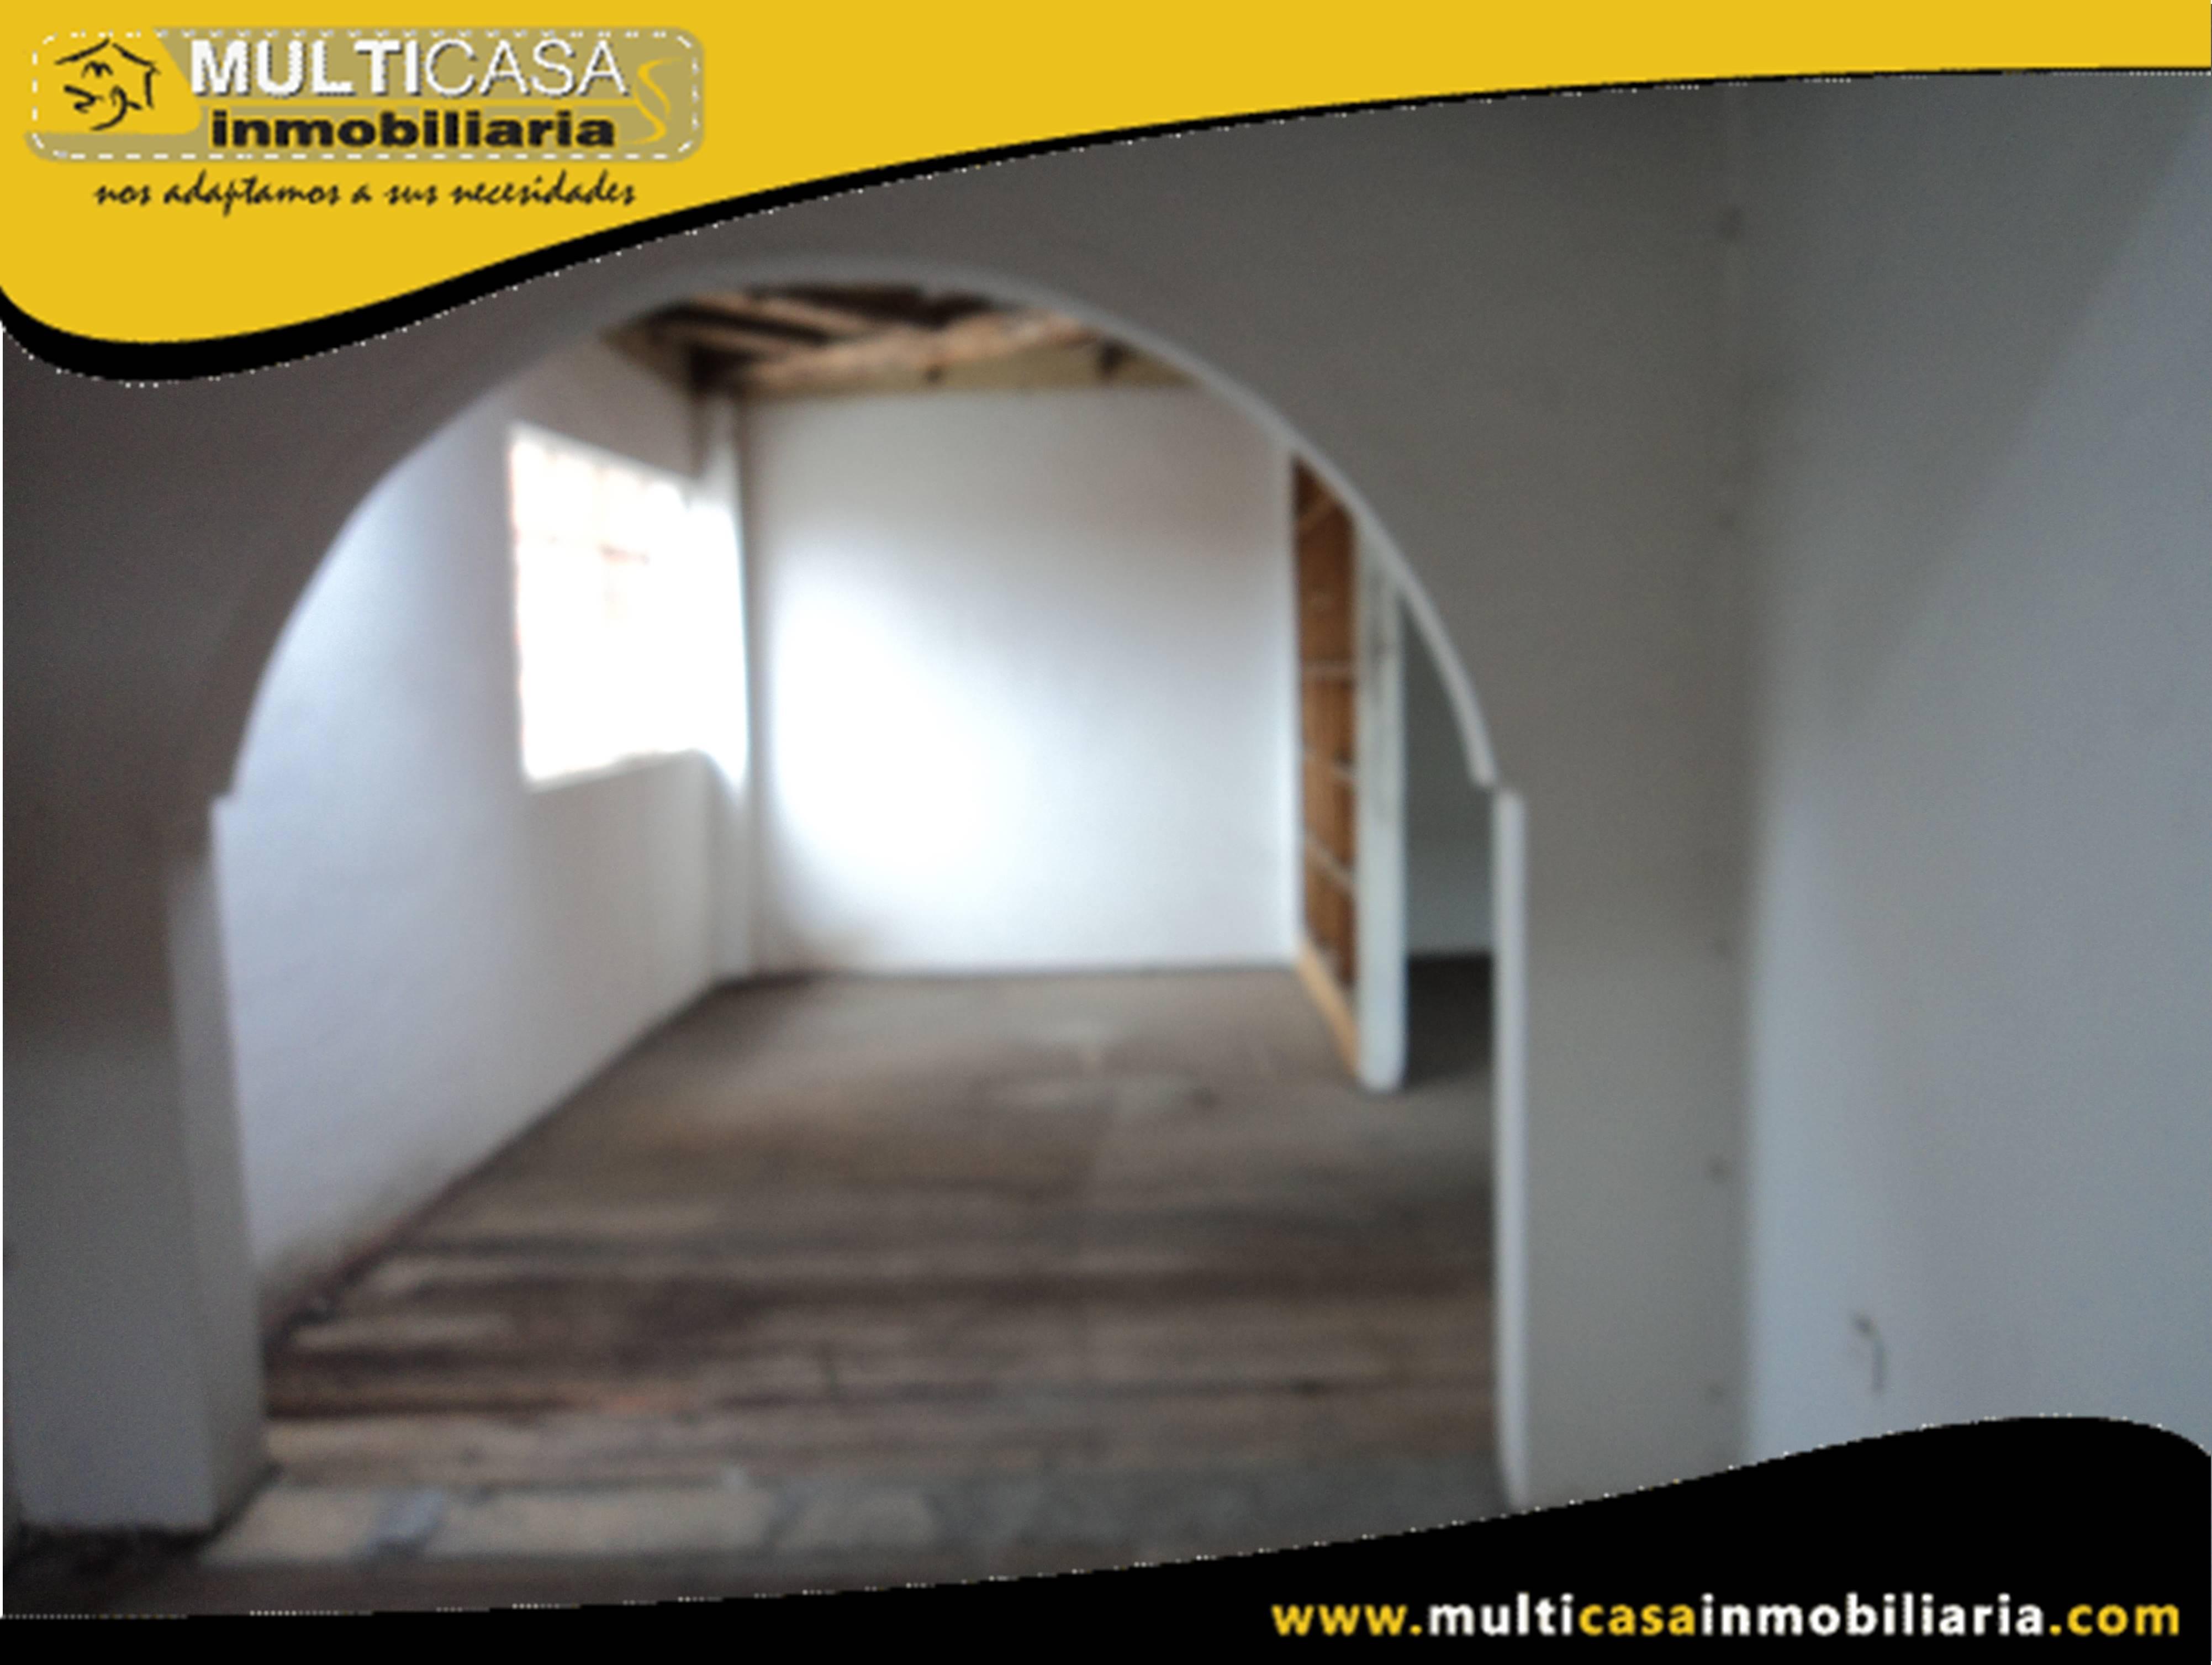 Venta de Hermosa Casa Comercial ideal para oficinas Sector Chola Cuencana Cuenca-Ecuador <br>